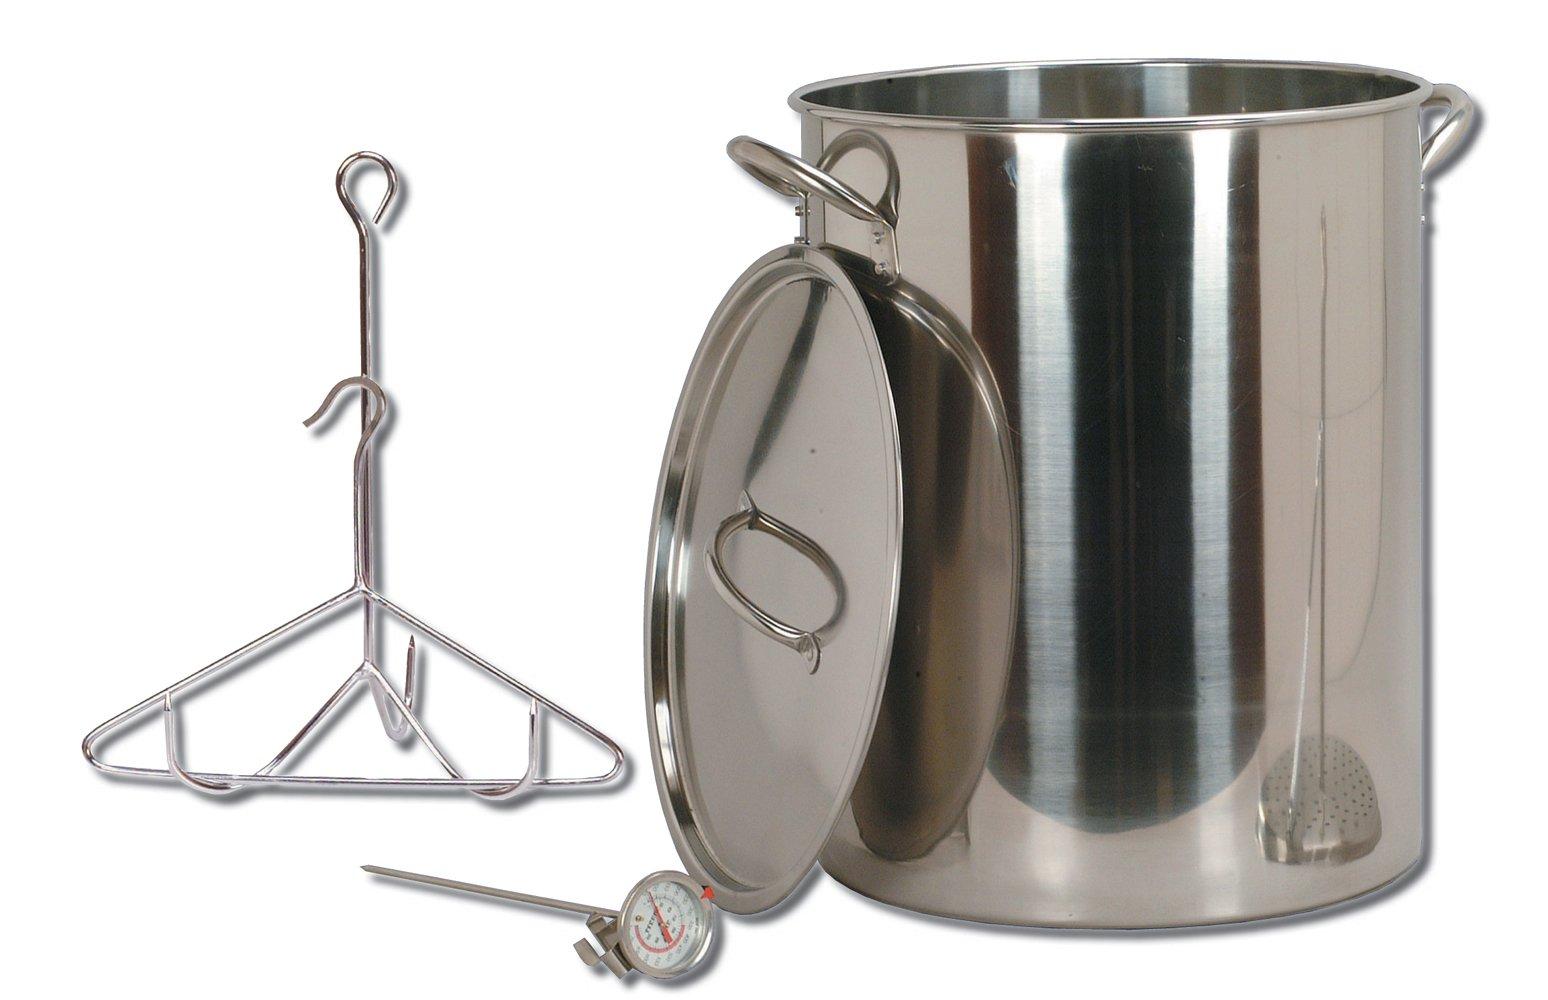 King Kooker 30-Quart Stainless Steel Turkey Pot Package by King Kooker